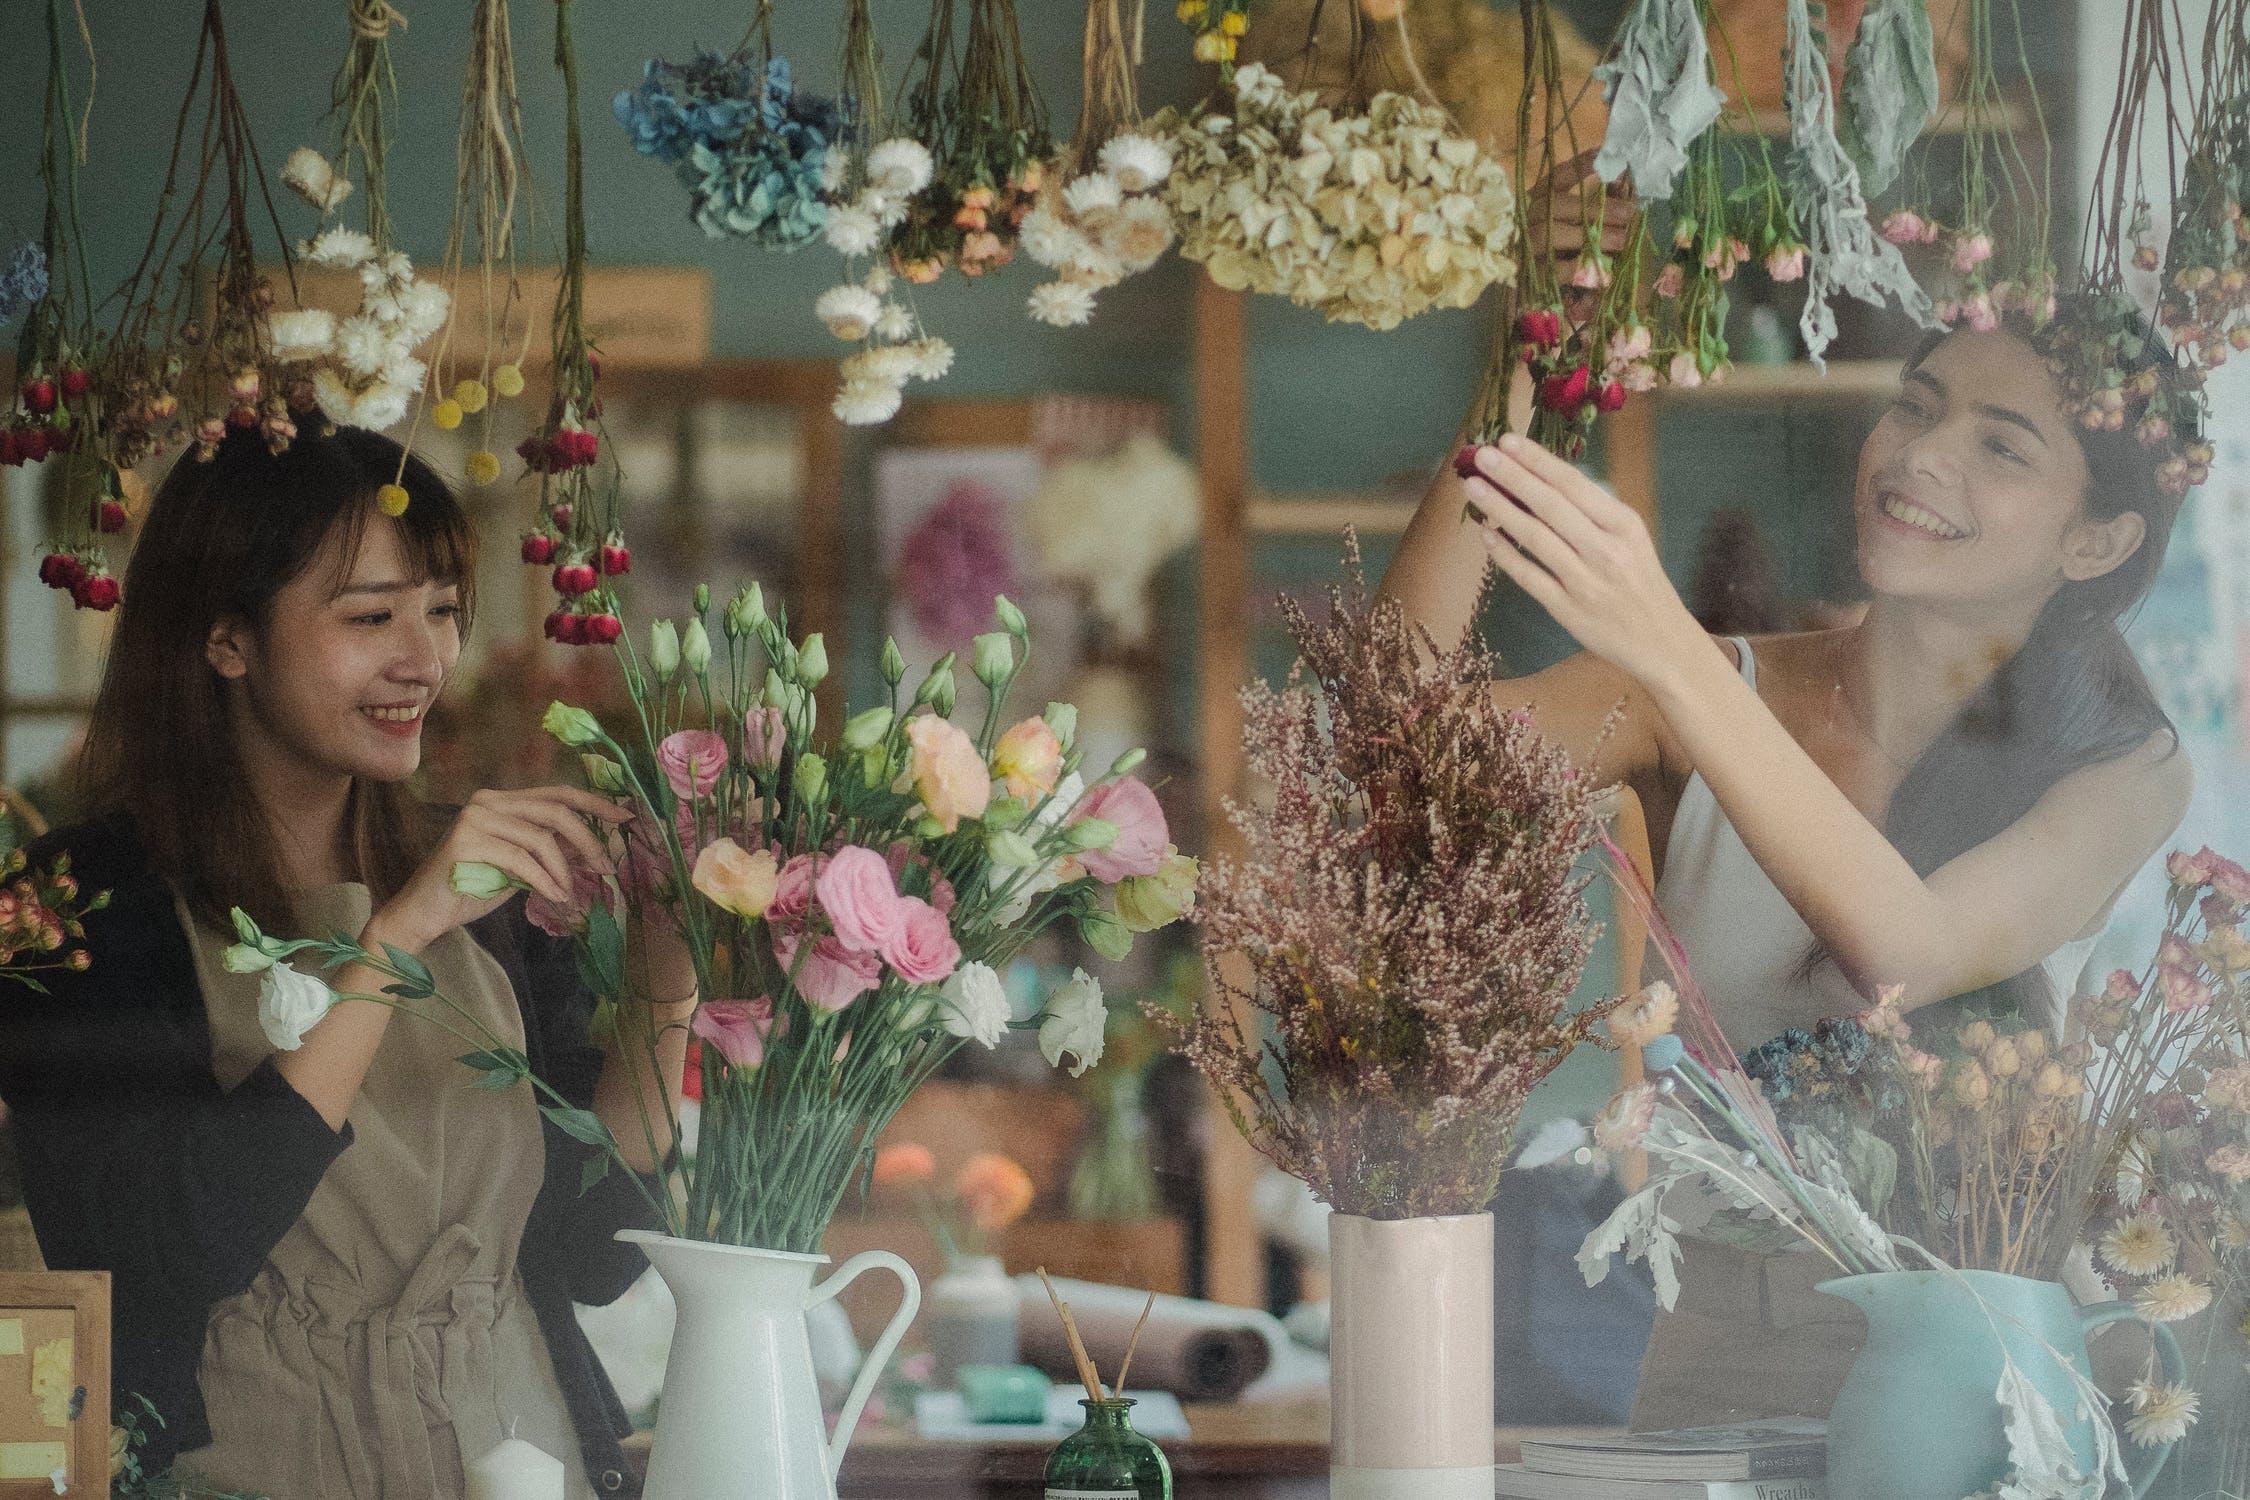 lựa chọn chuyển đổi nghề nghiệp với nghề cắm hoa